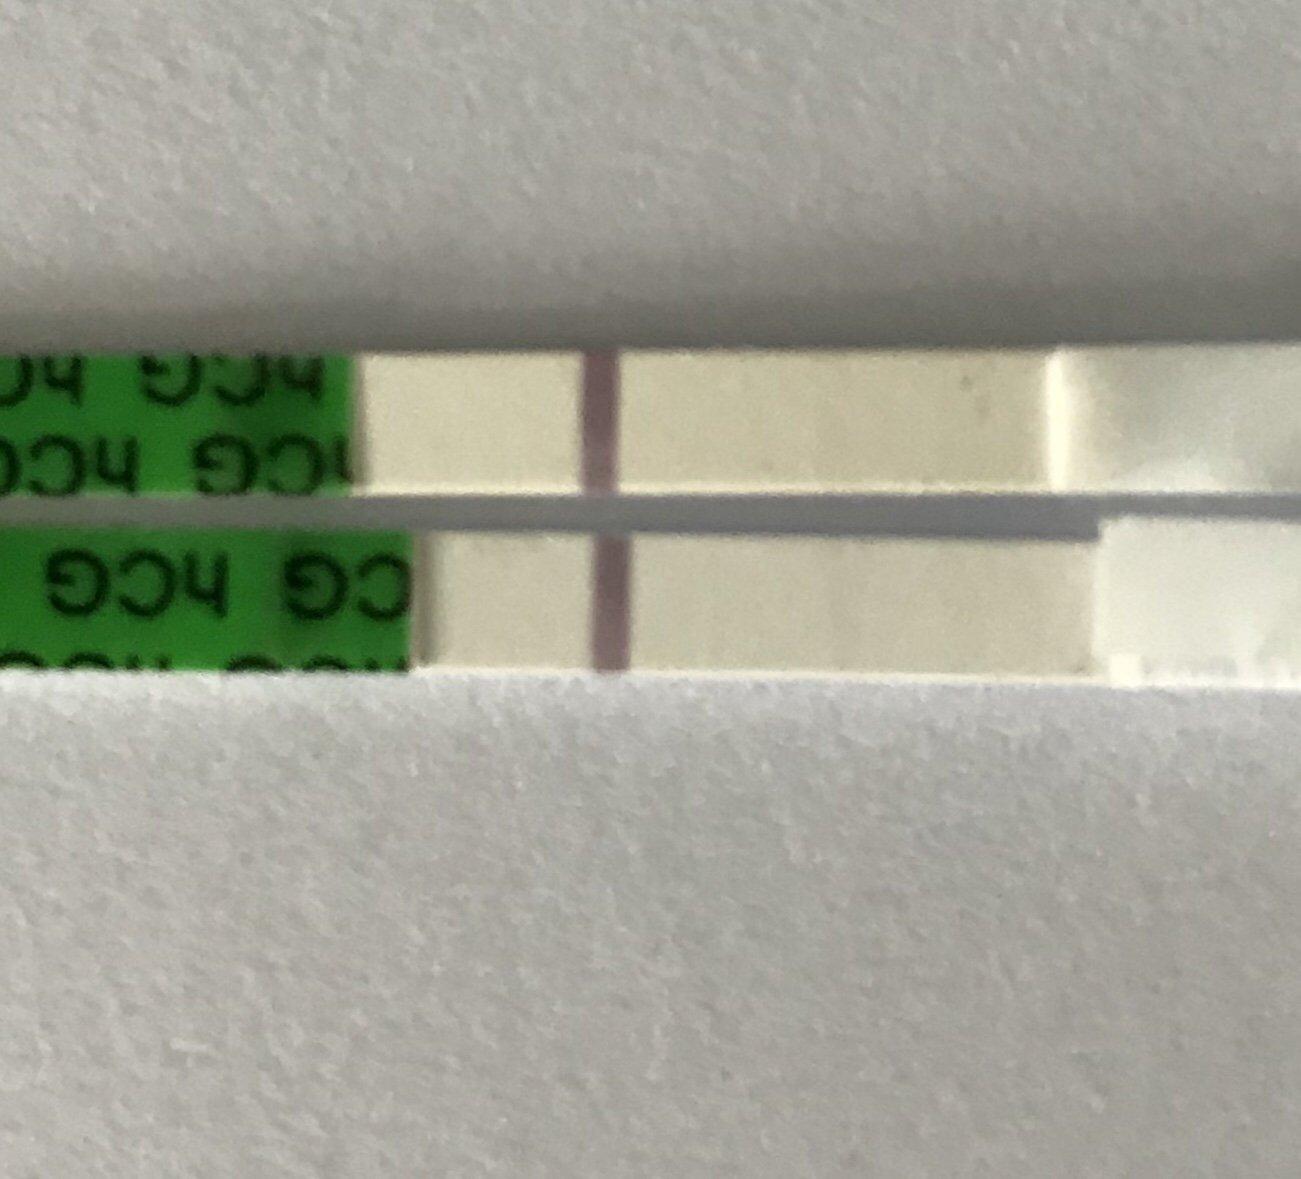 84c54b2962a13f35c583d6480eed5863